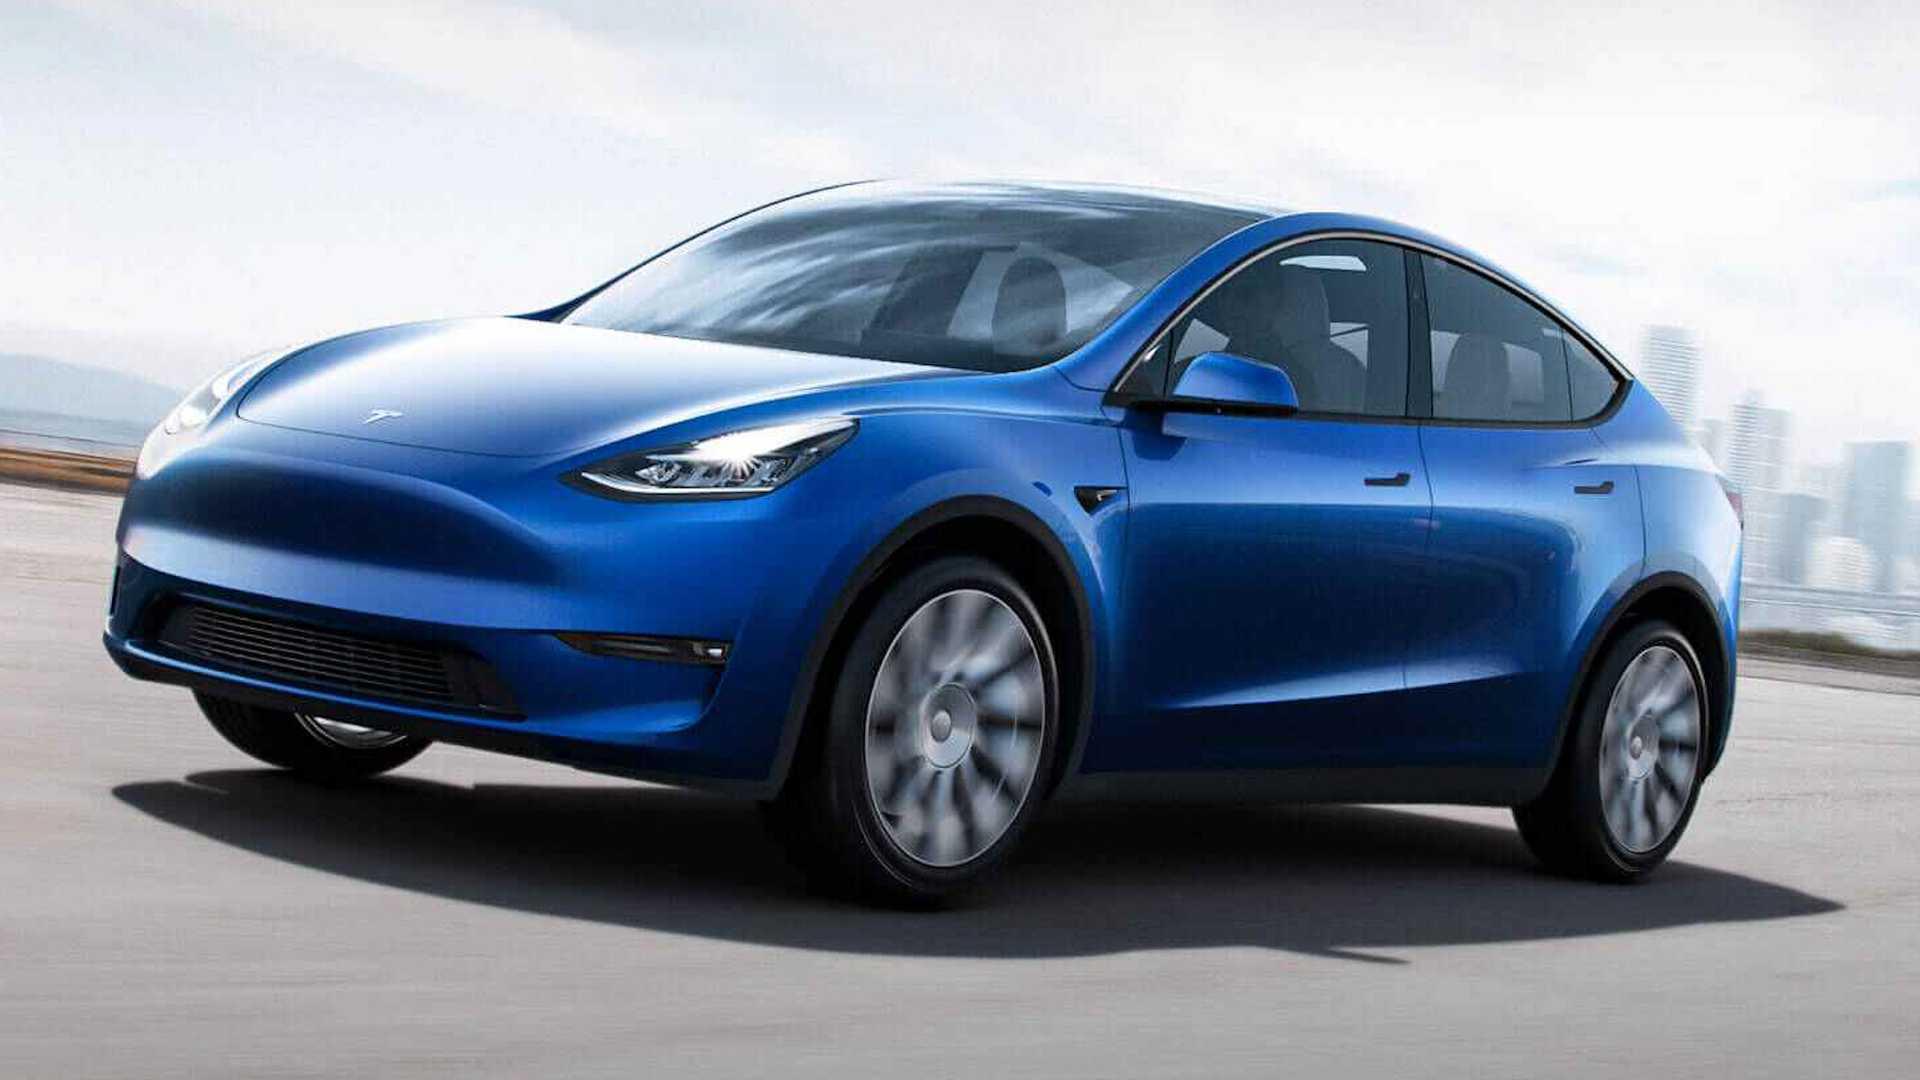 Op-Ed: Tesla Fan 'Reworks' Forbes' 2020 Transportation Awards